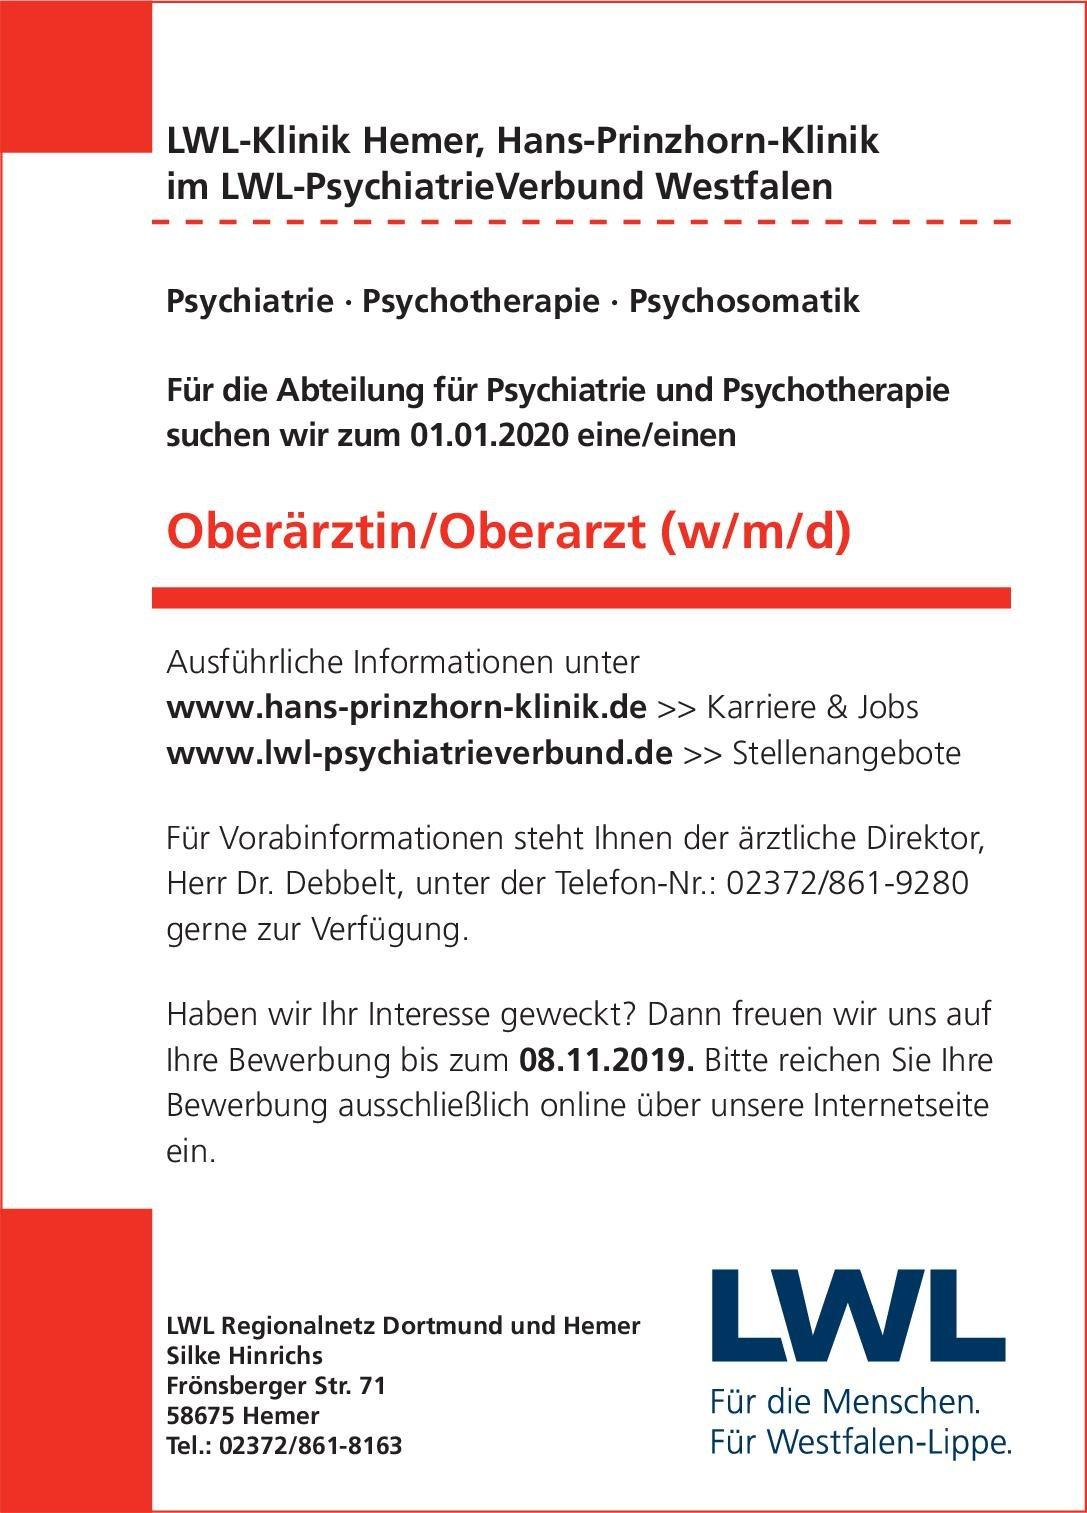 LWL Regionalnetz Dortmund und Hemer Oberärztin/Oberarzt (w/m/d) für Psychiatrie und Psychotherapie  Psychiatrie und Psychotherapie, Psychiatrie und Psychotherapie Oberarzt